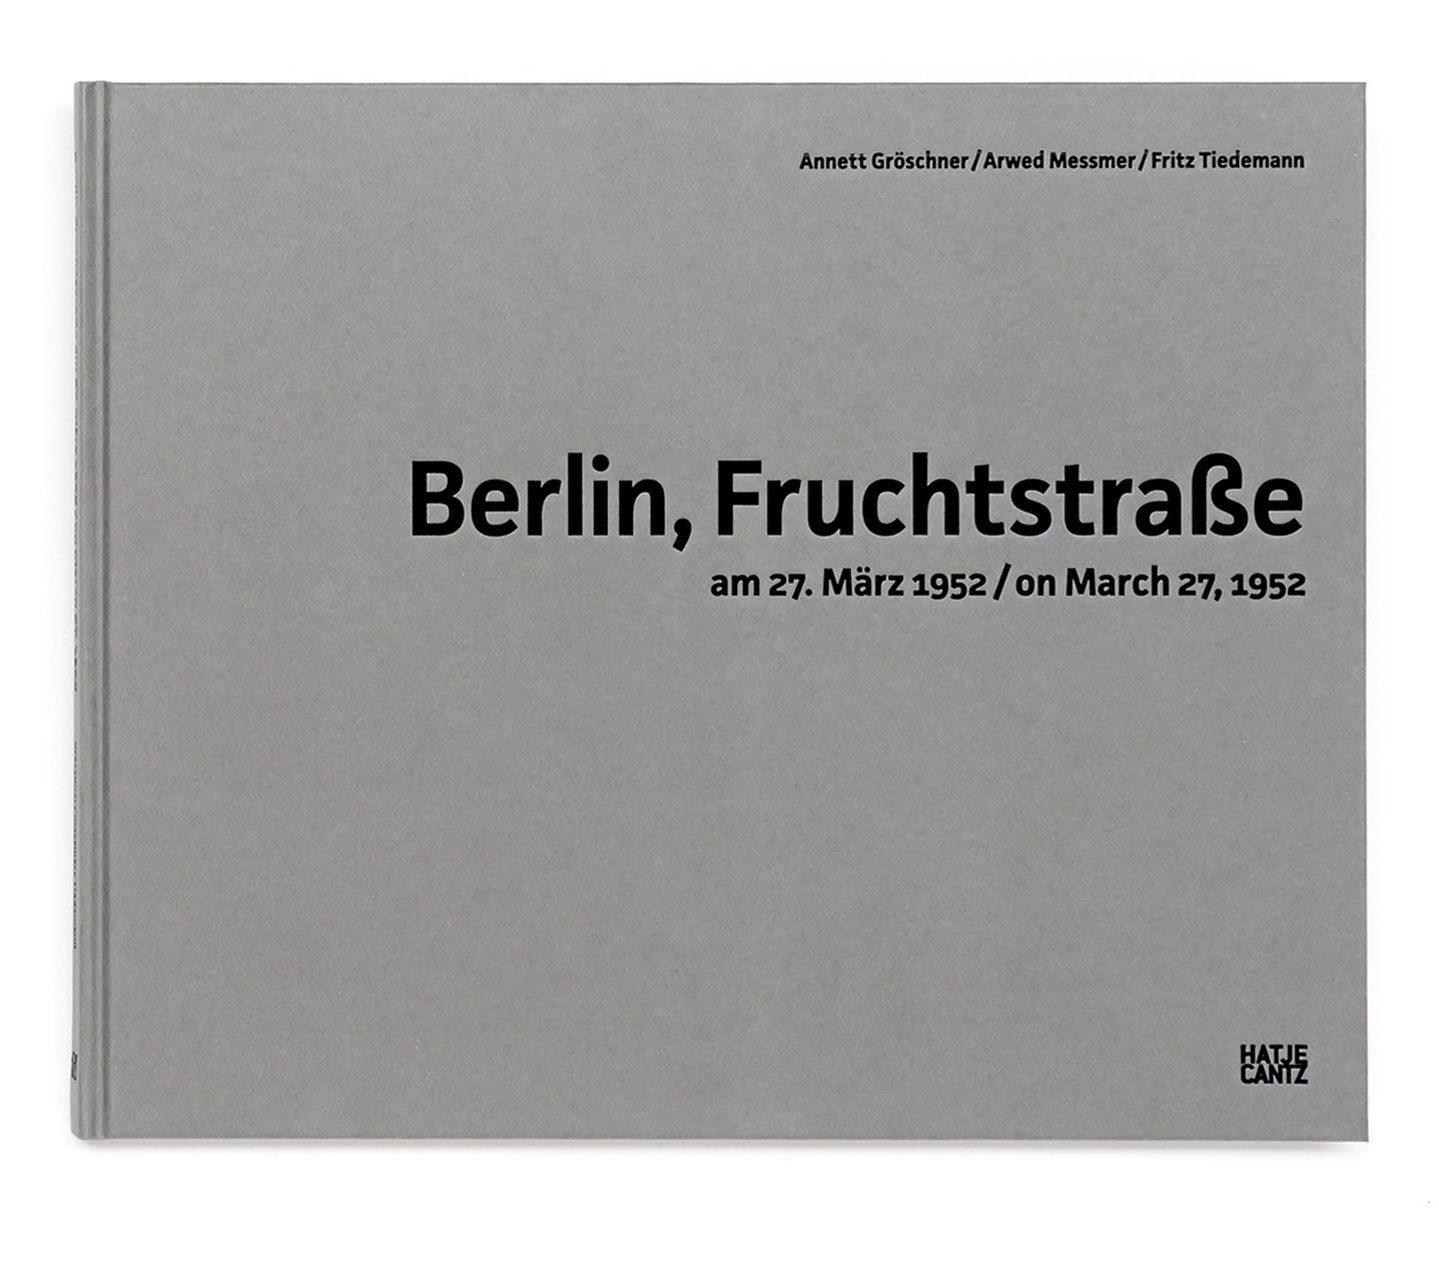 Berlin, Fruchtstraße